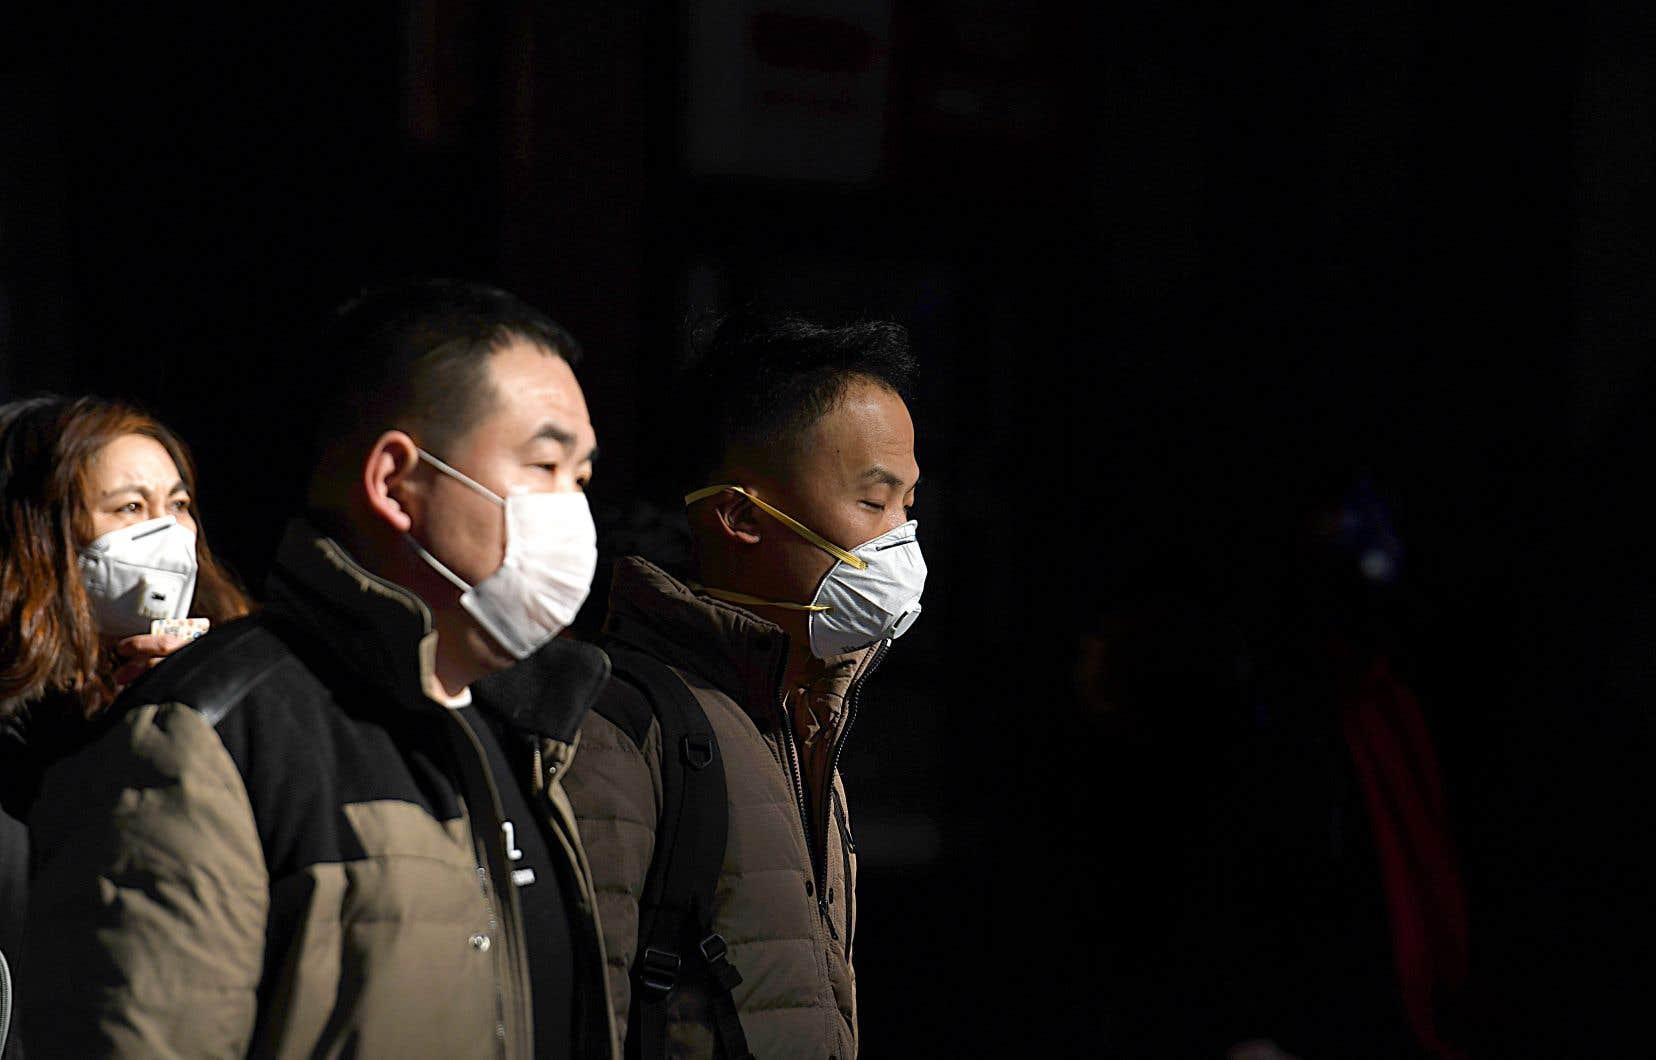 Les festivités du Nouvel An chinois sont entachées par cette nouvelle crise sanitaire.